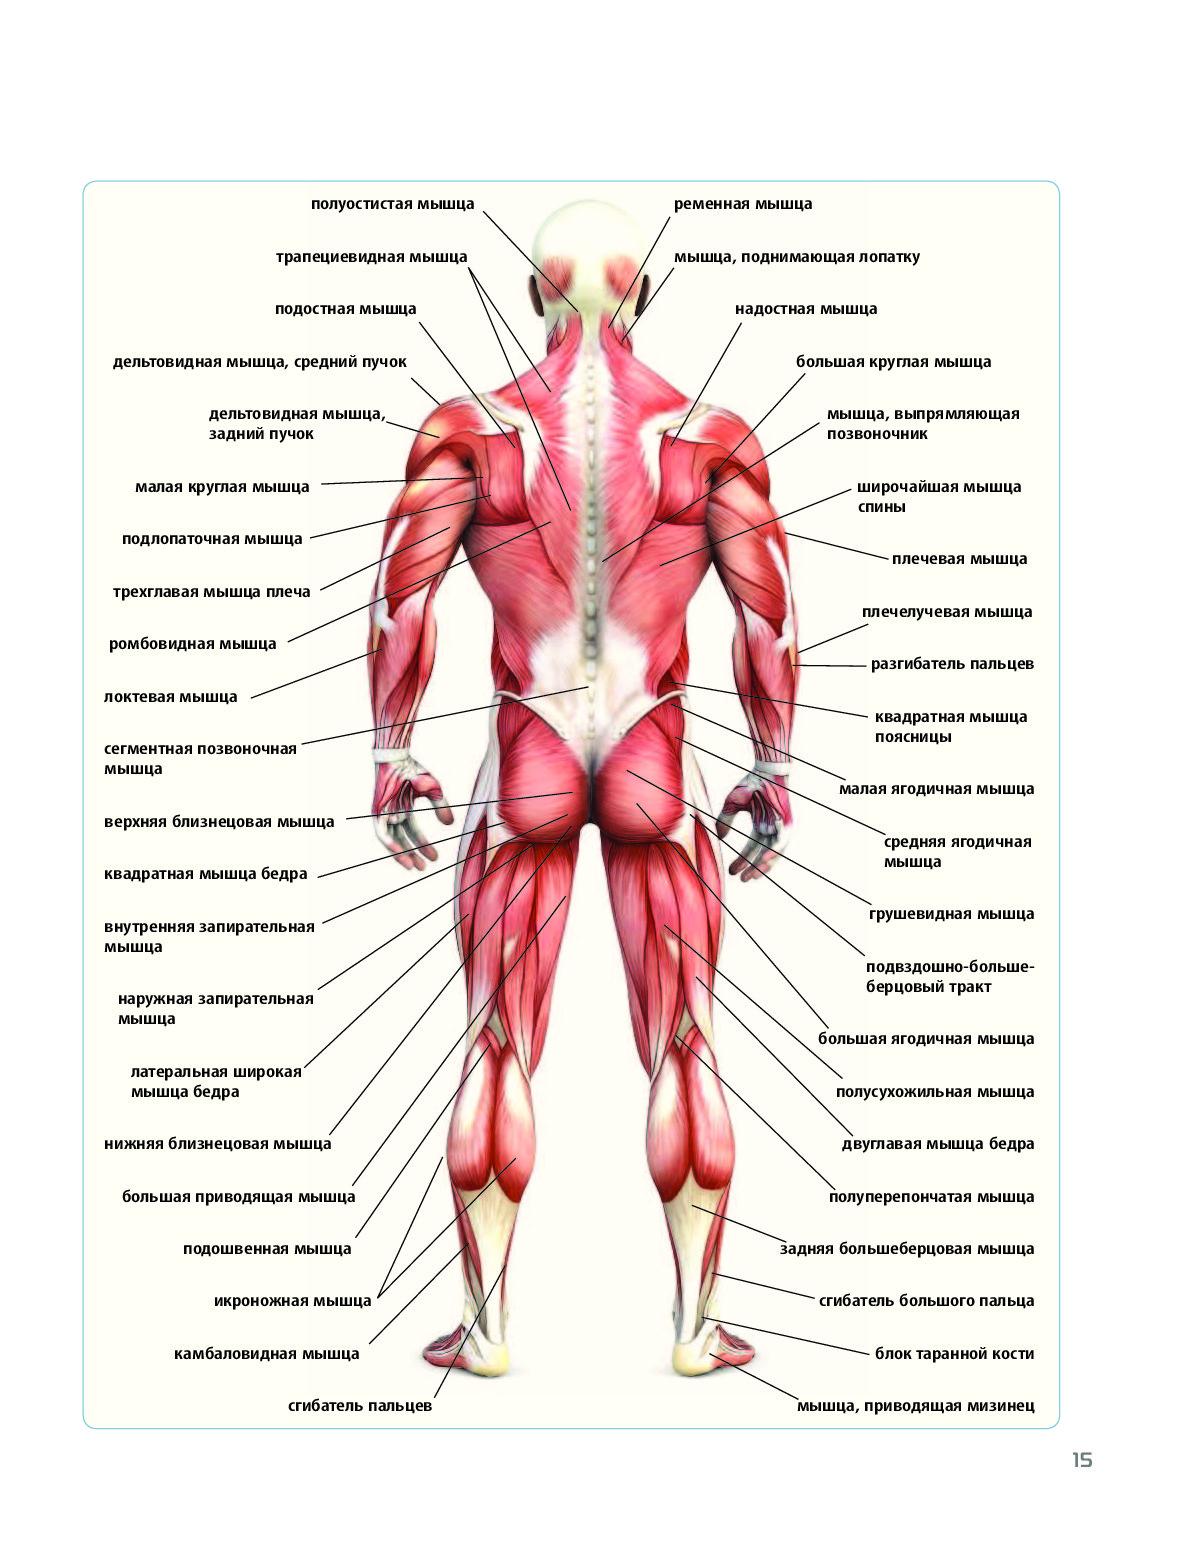 Анатомия человека строение мышц картинки